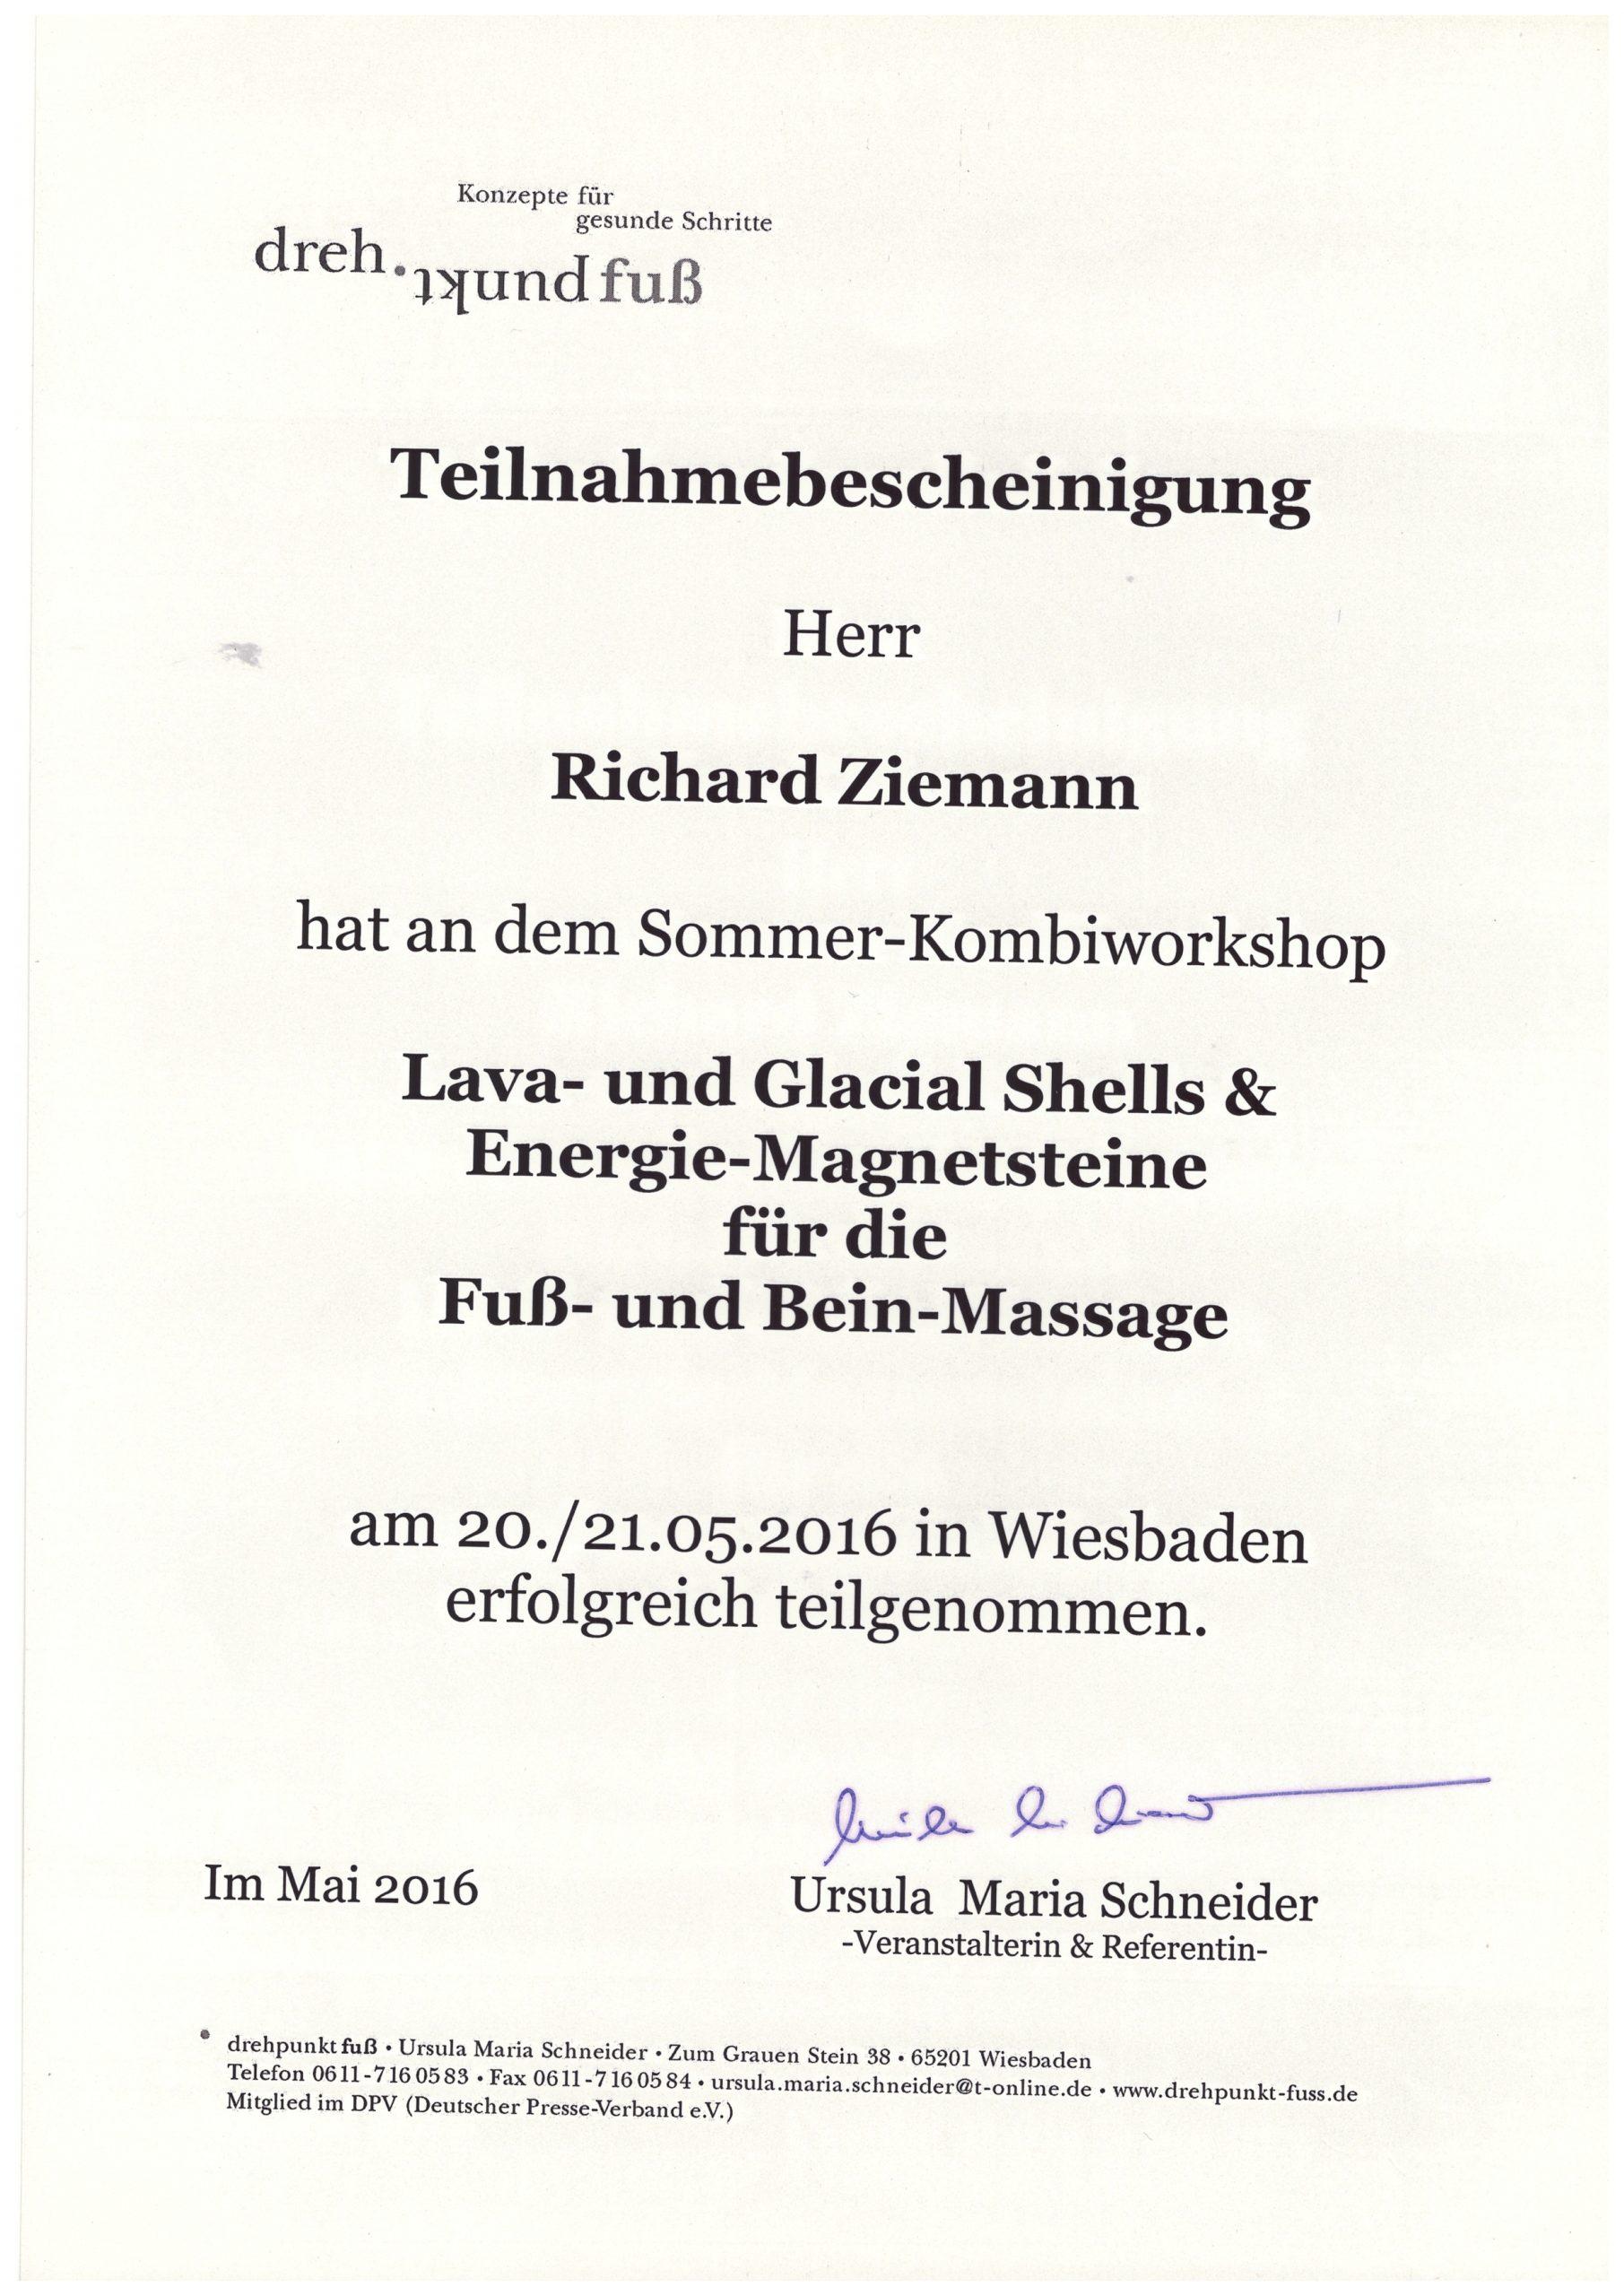 Richard Ziemann - Teilnahmebescheinigung Fuß- und Beinmassage